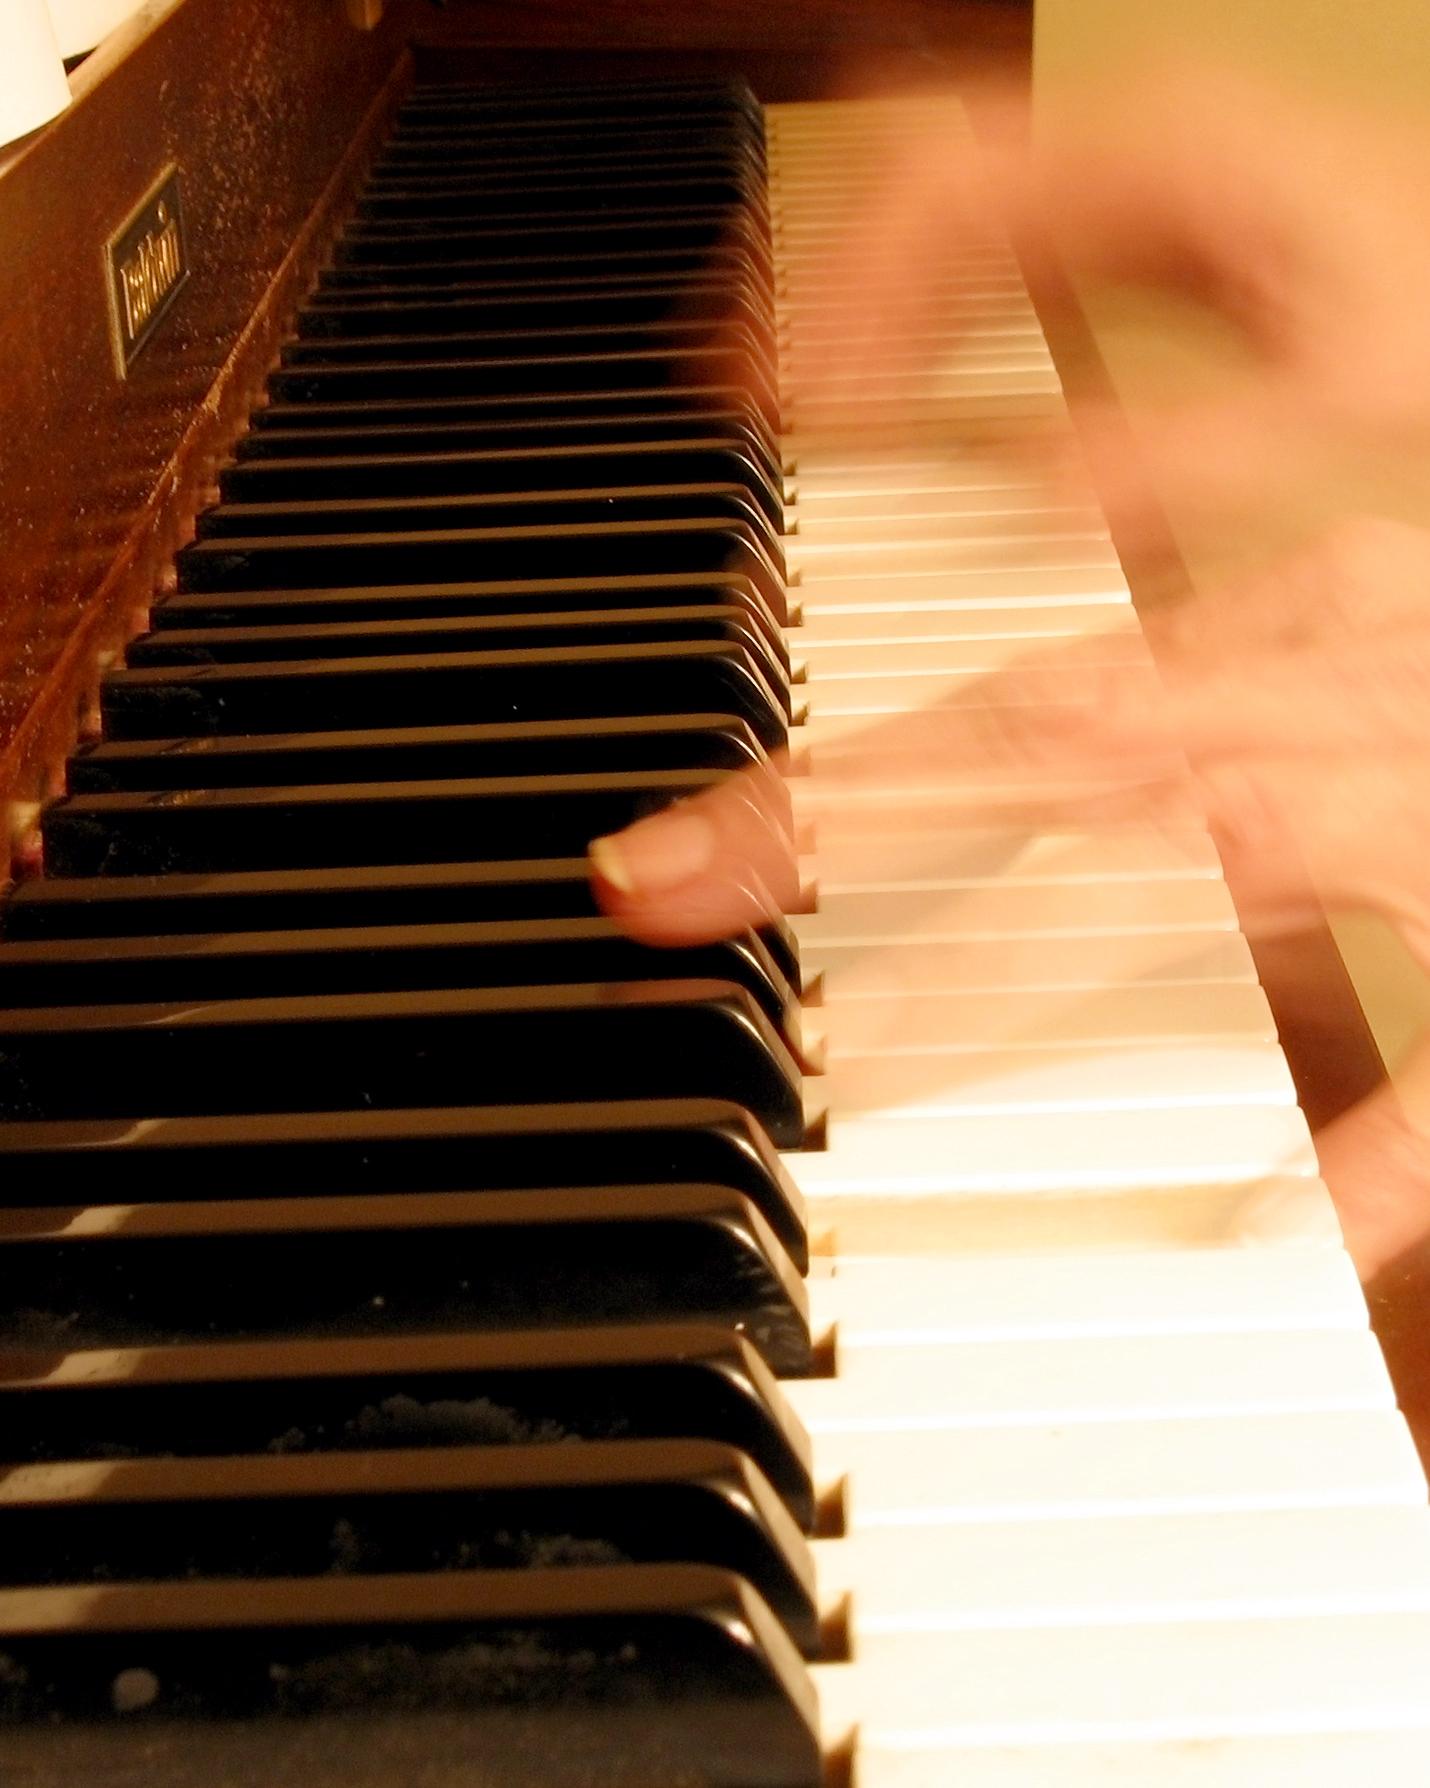 Luyện tập PSs sẽ cung cấp cách nhanh nhất để tăng tốc độ ngón tay.